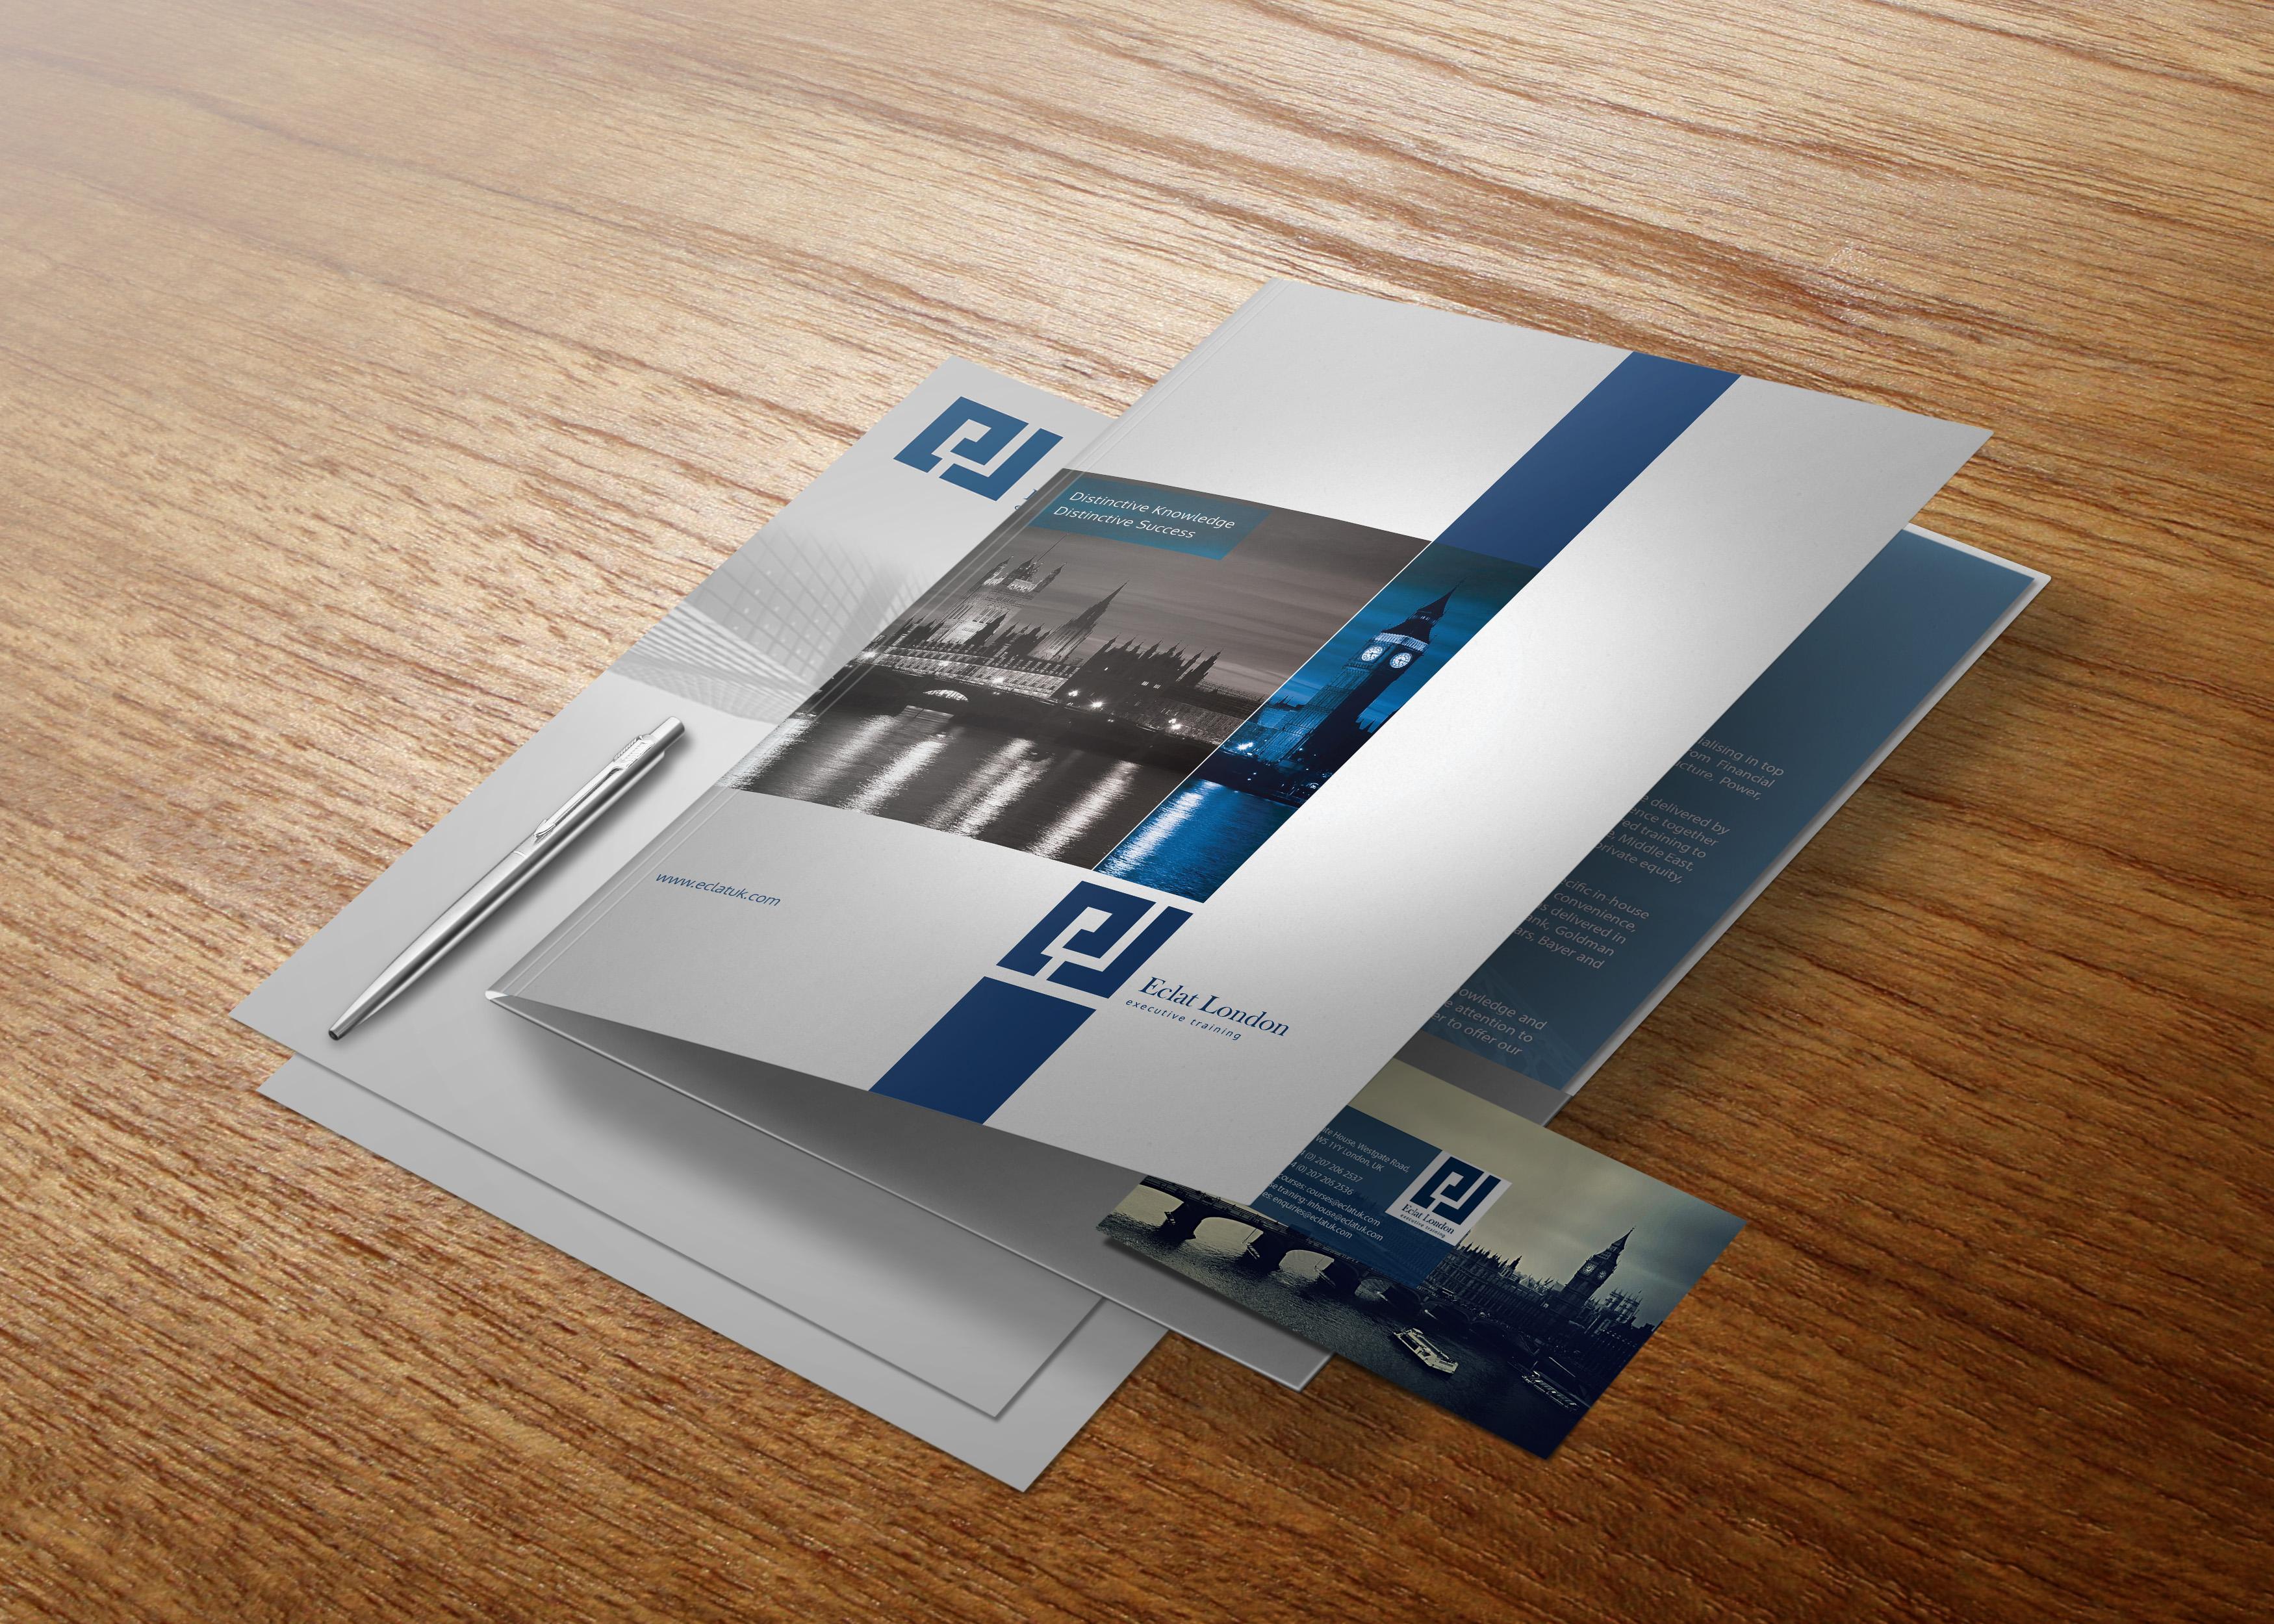 Folder-mockups-1 One Page